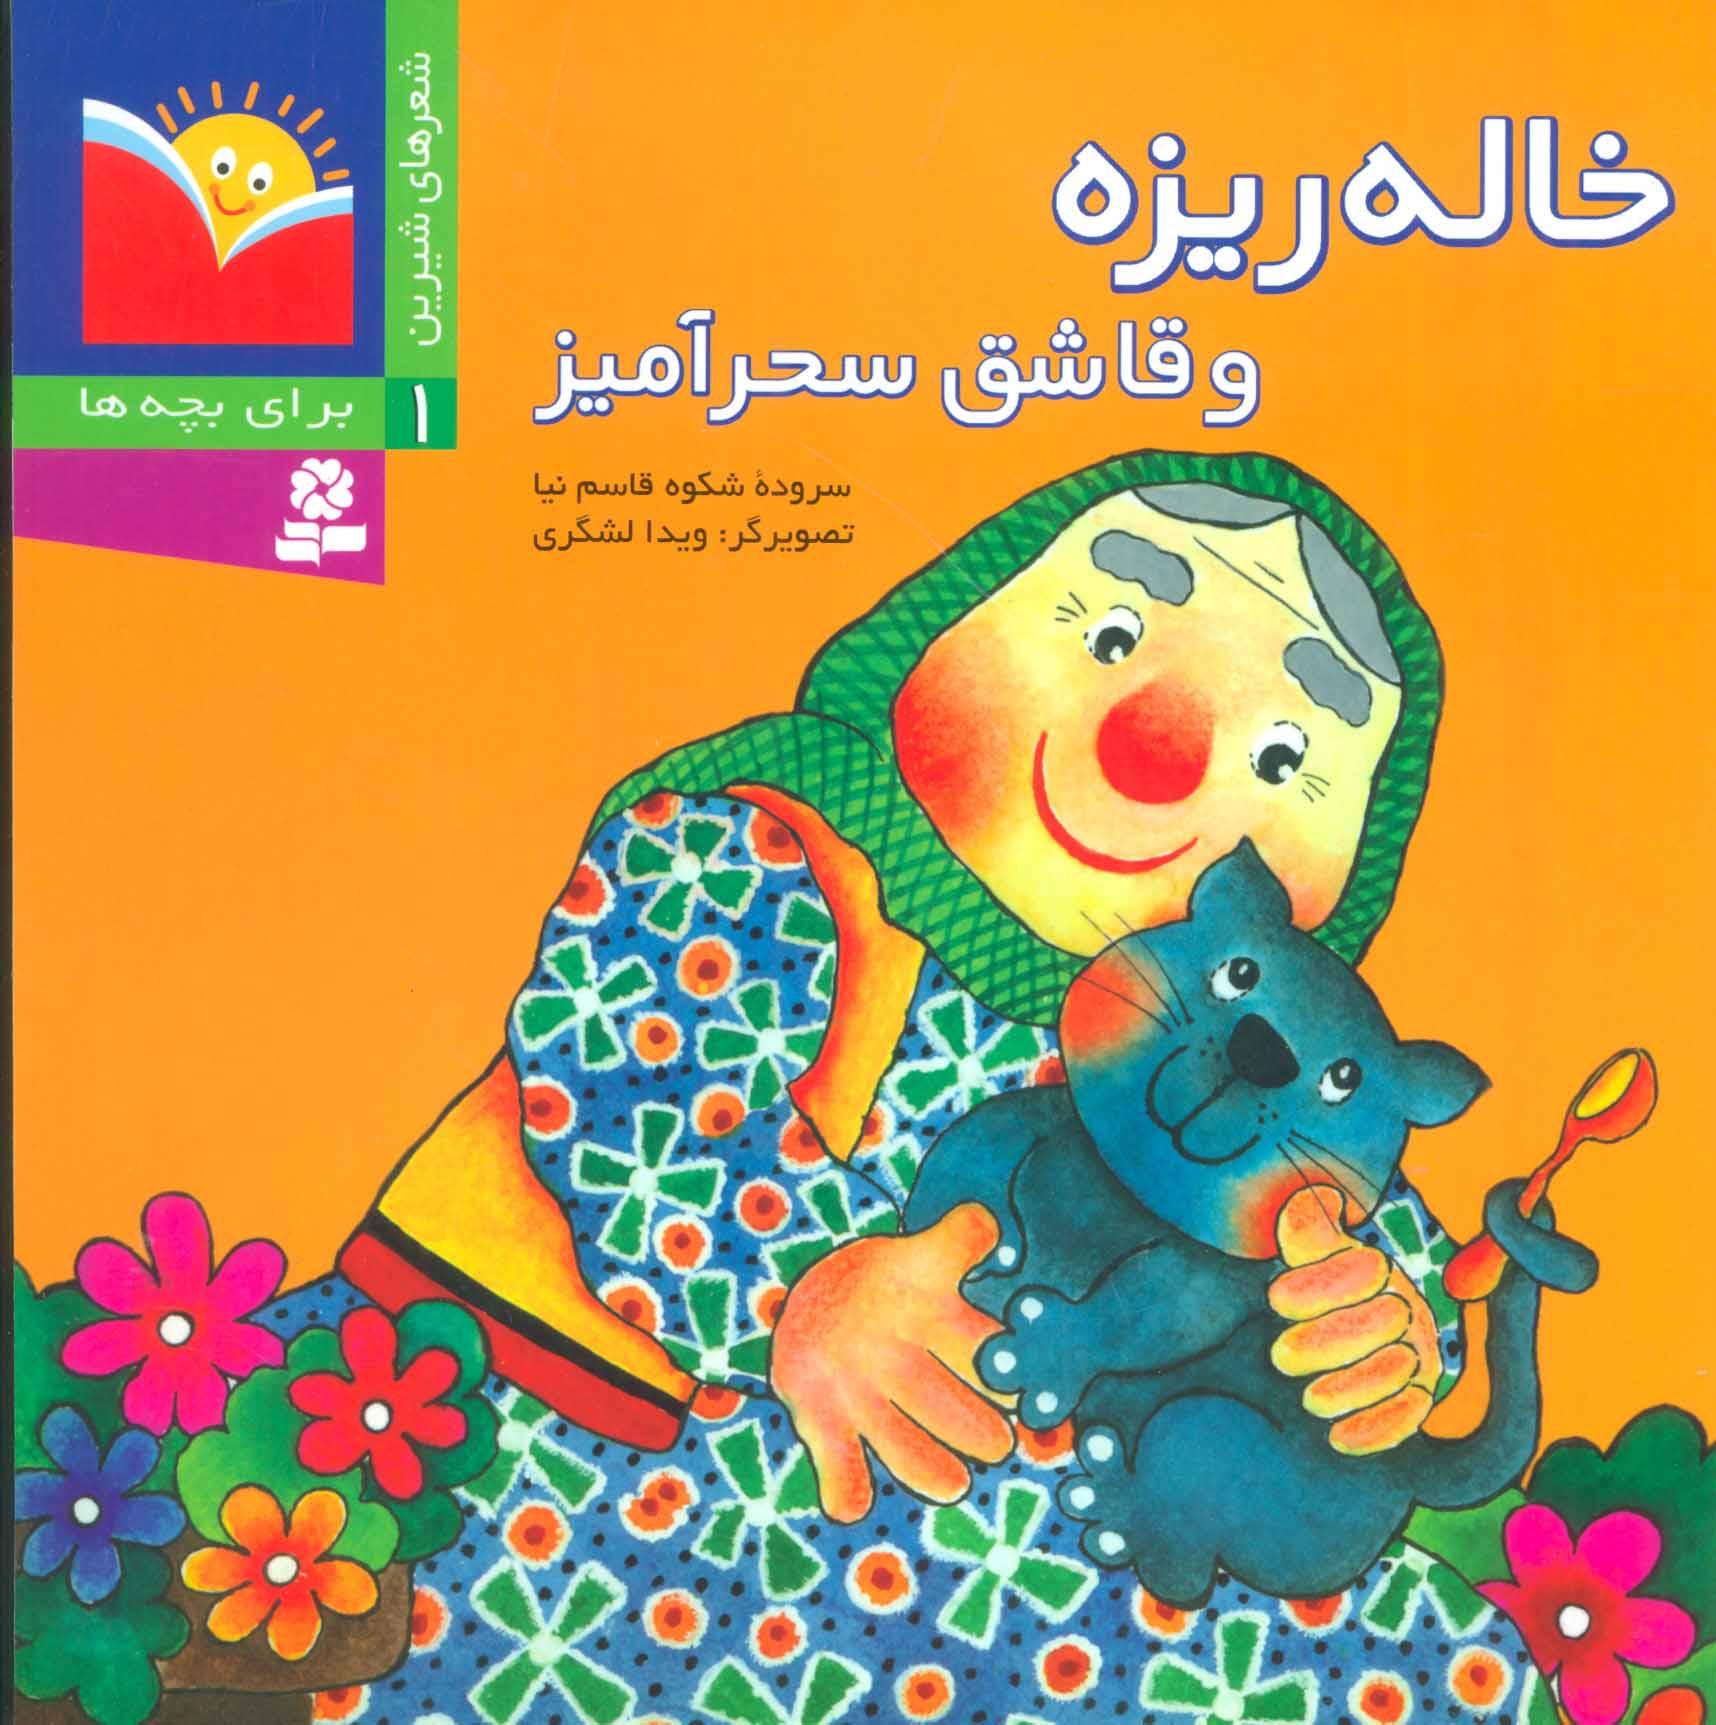 کتاب خاله ریزه و قاشق سحرآمیز